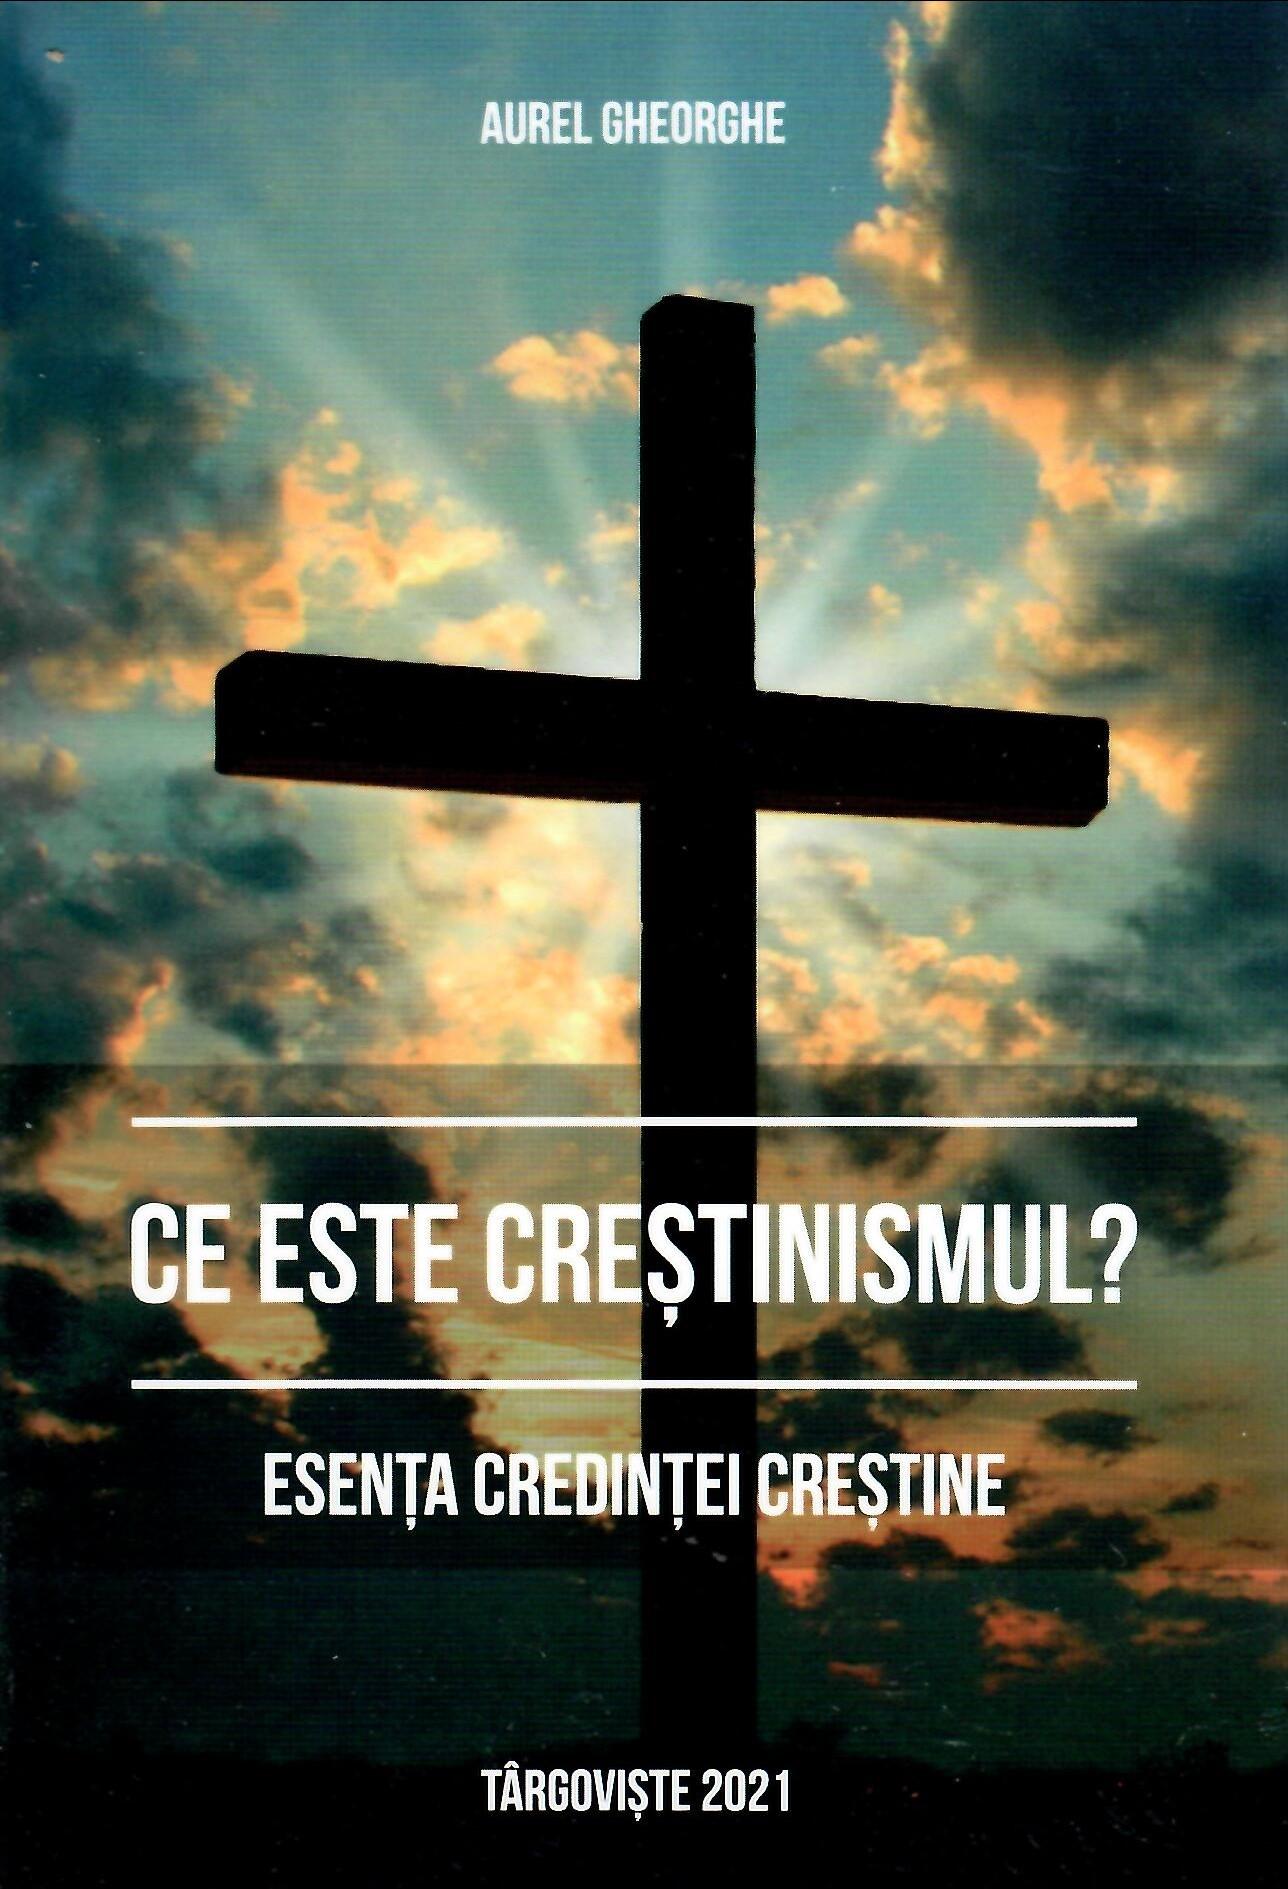 Ce este creștinismul?